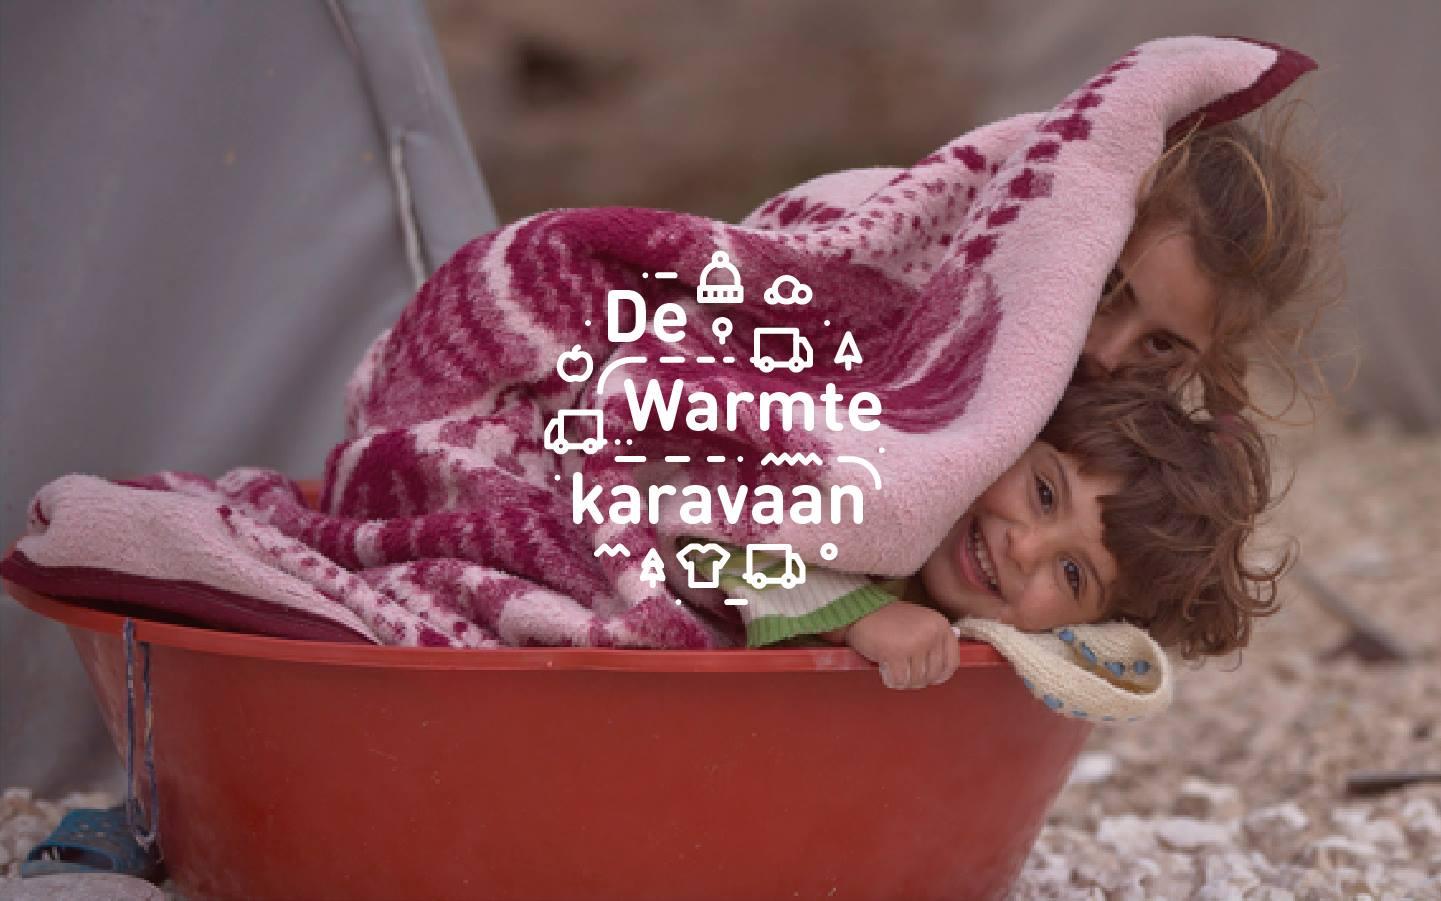 De warmtekaravaan